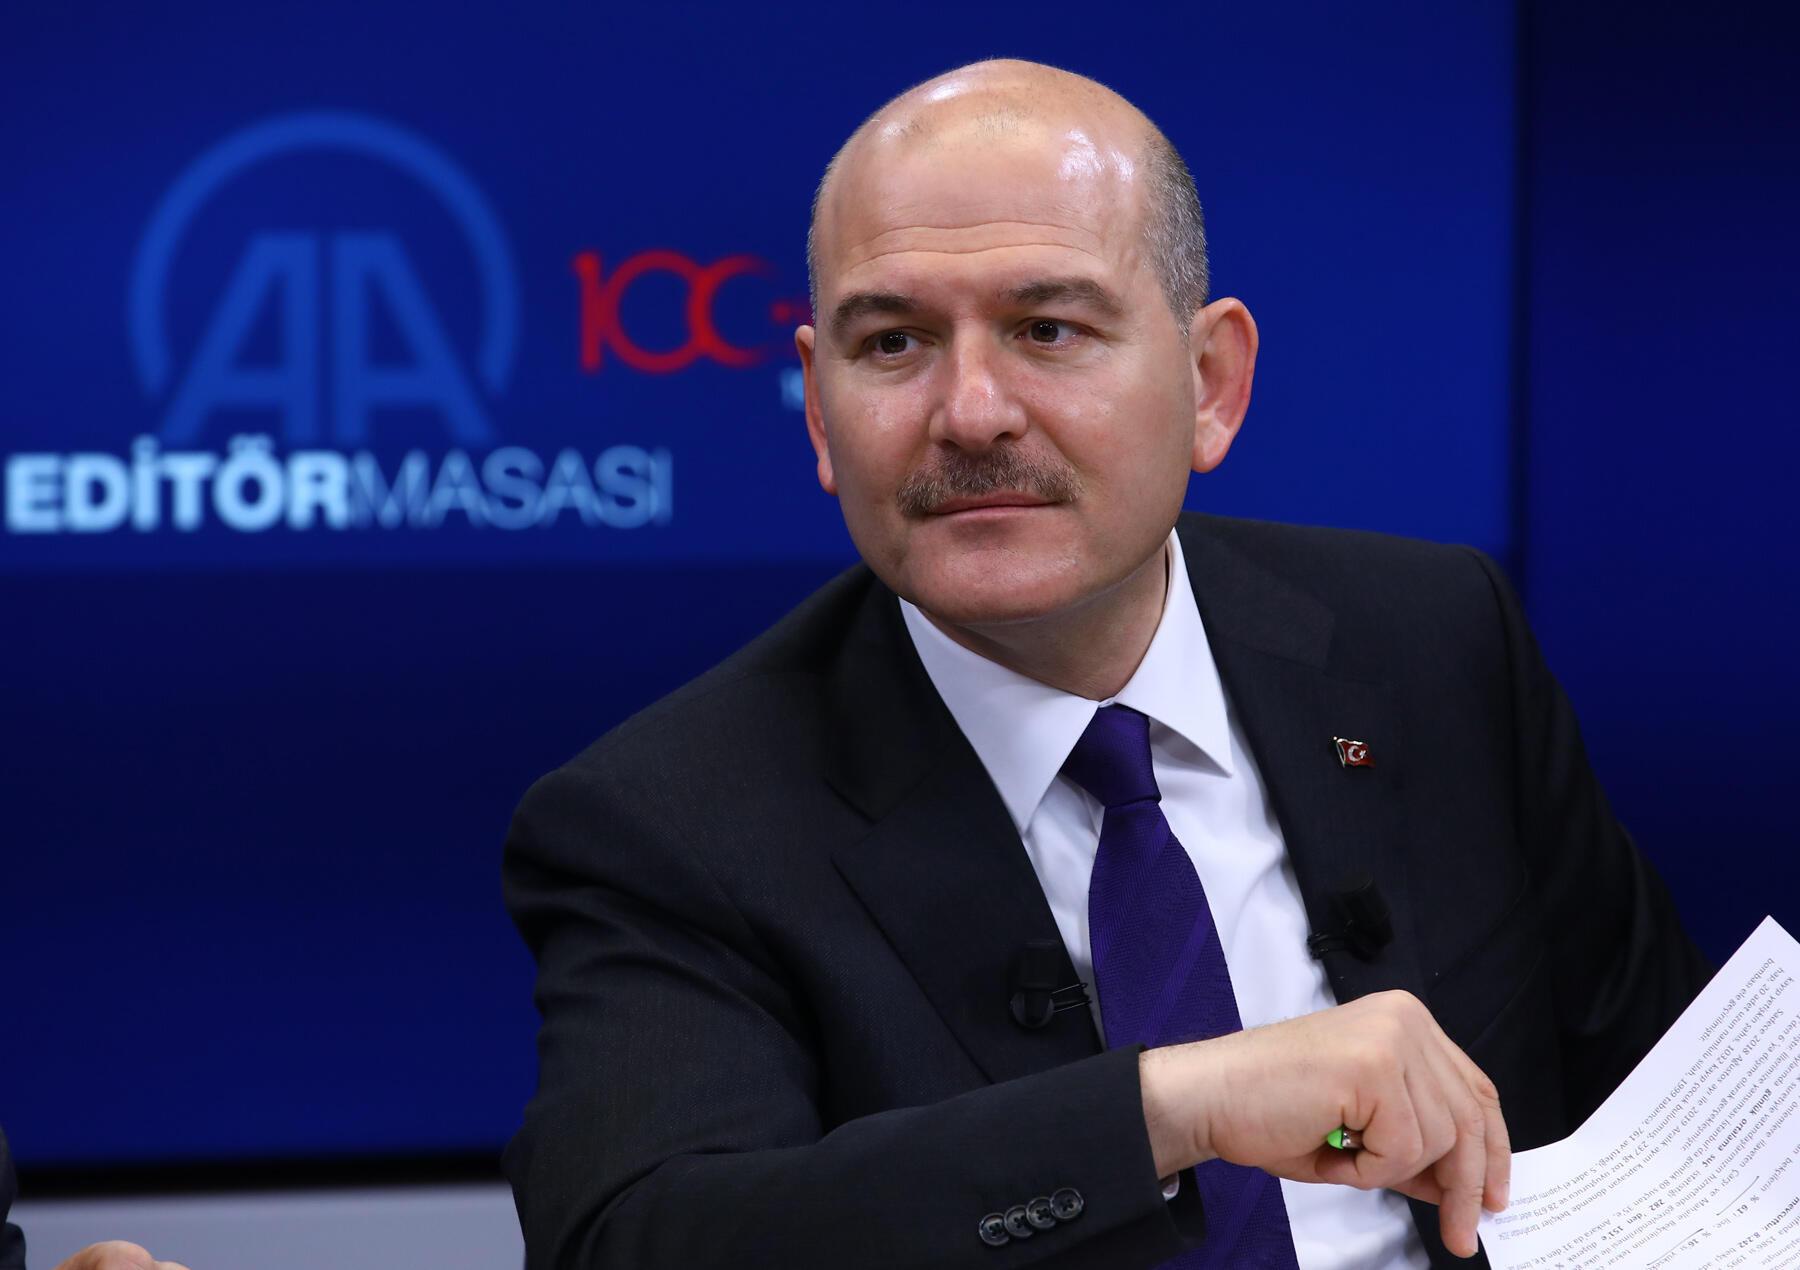 Bakan Soylu'nun da hedefinde Kılıçdaroğlu vardı!